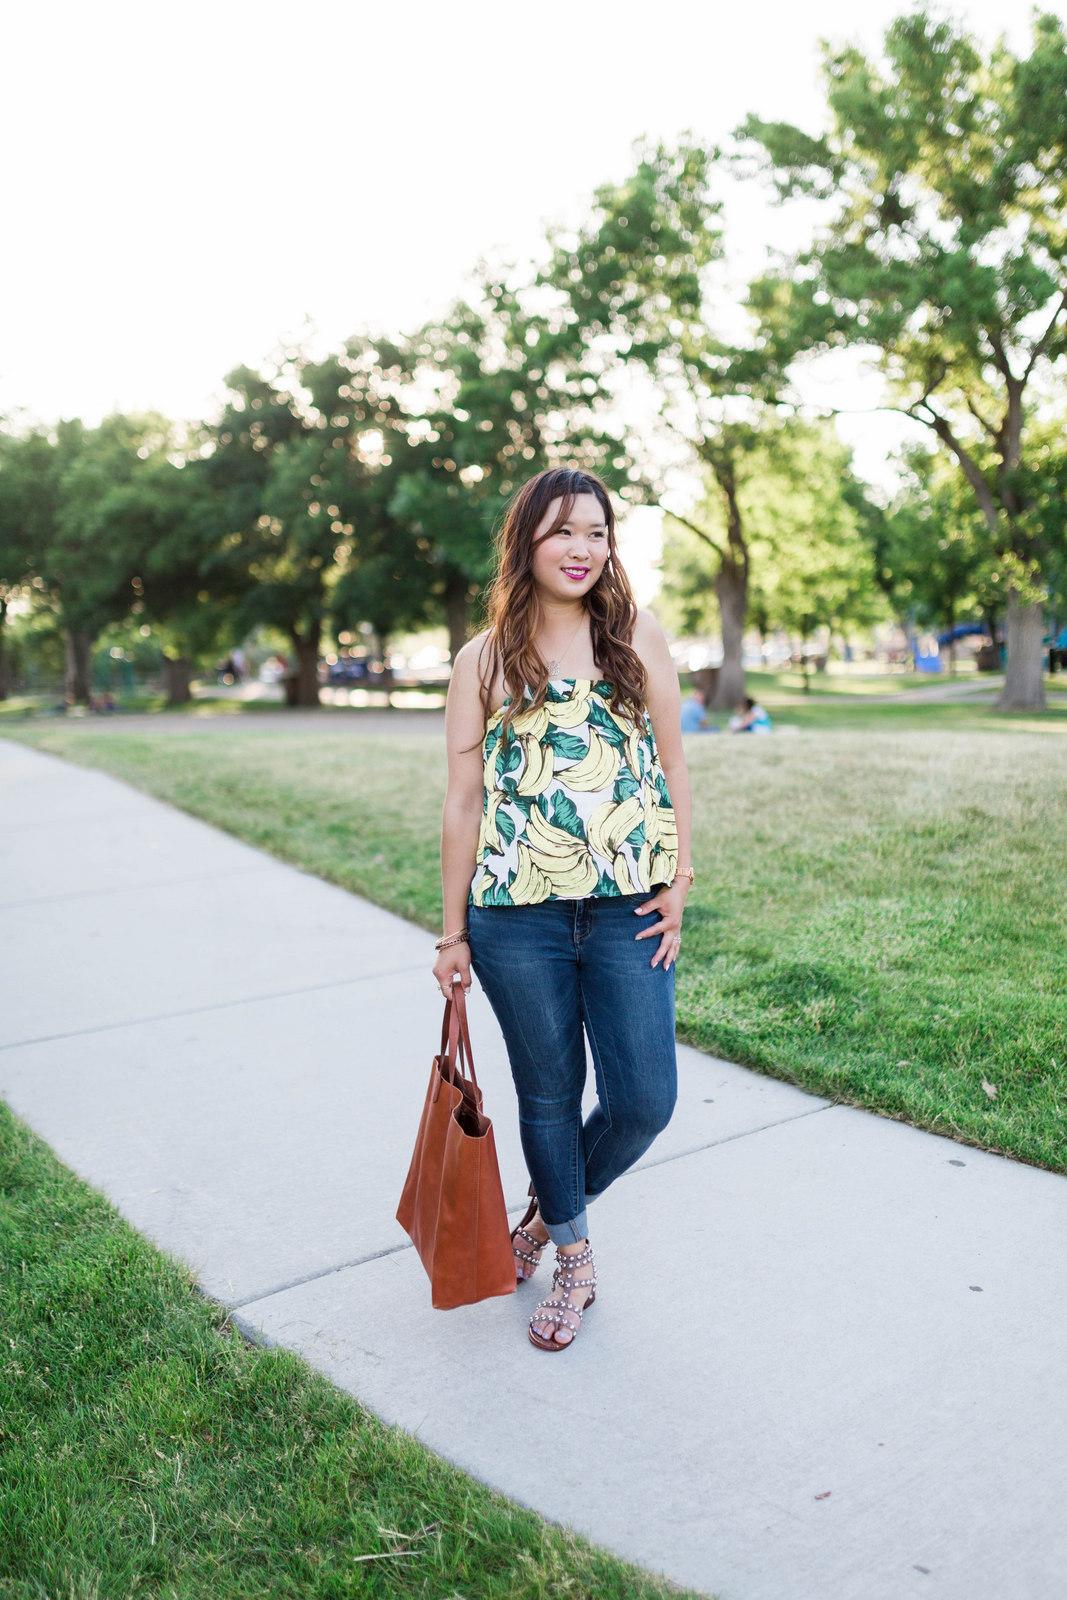 19 Amazon Fashion Finds Under $100 - Women by Utah fashion blogger SandyALaMode